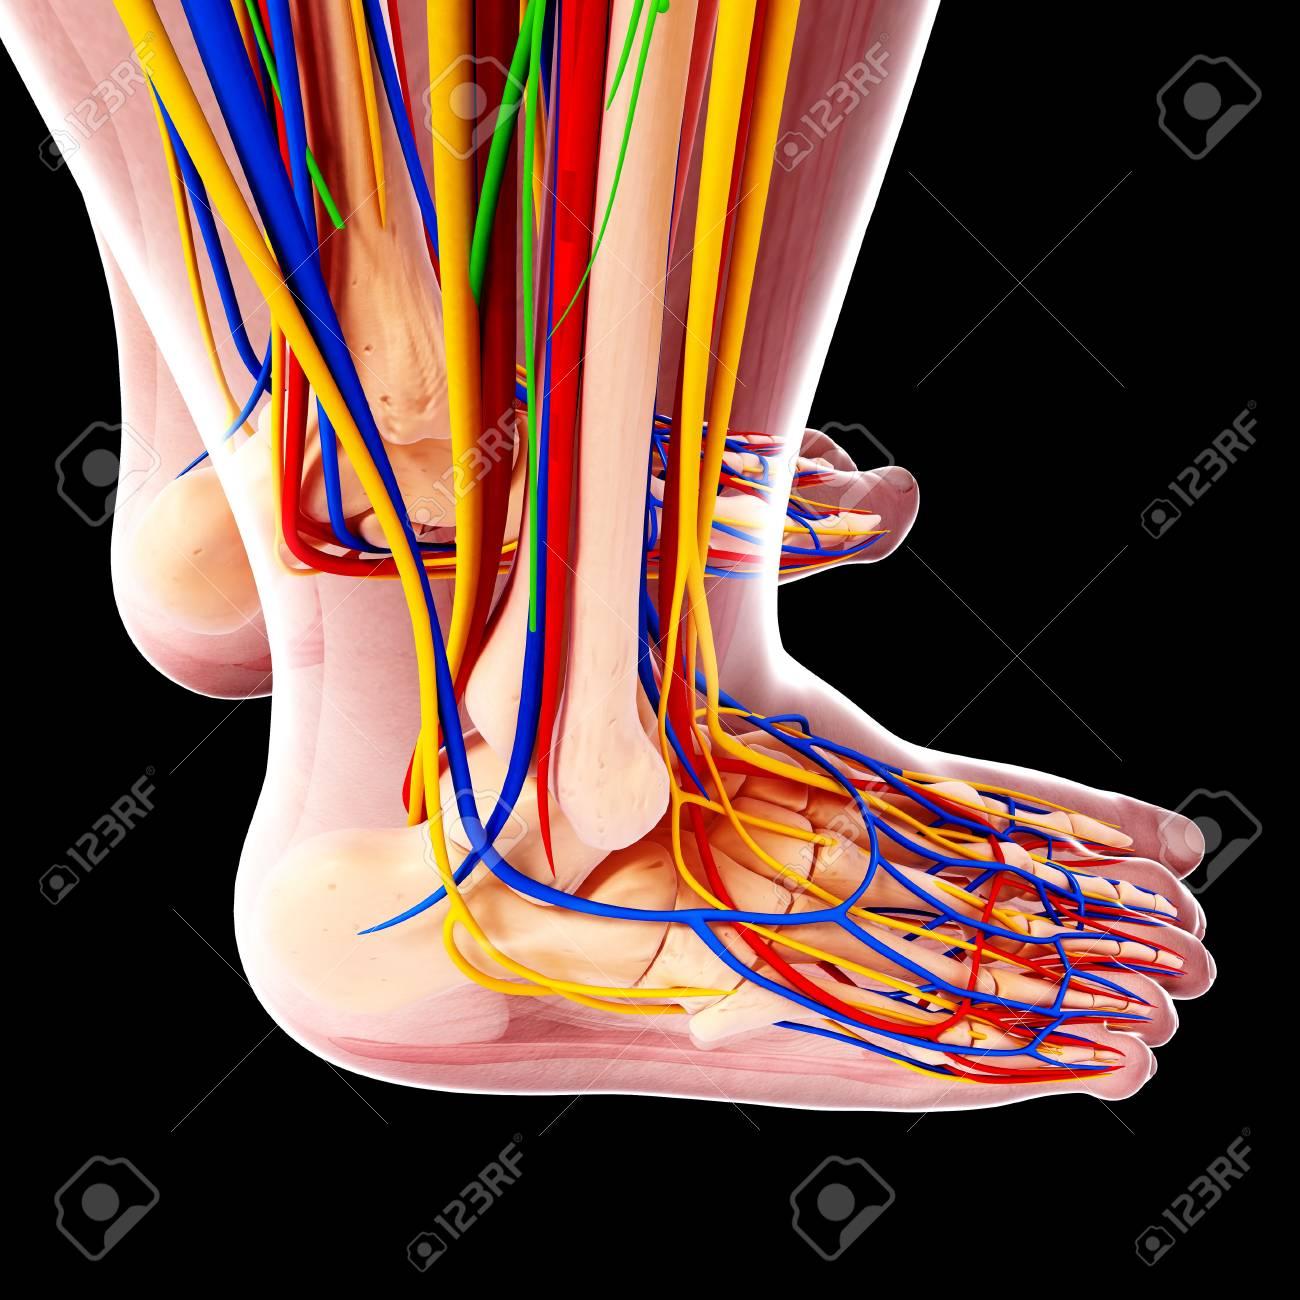 Menschliche Fußanatomie, Computergrafik Lizenzfreie Fotos, Bilder ...